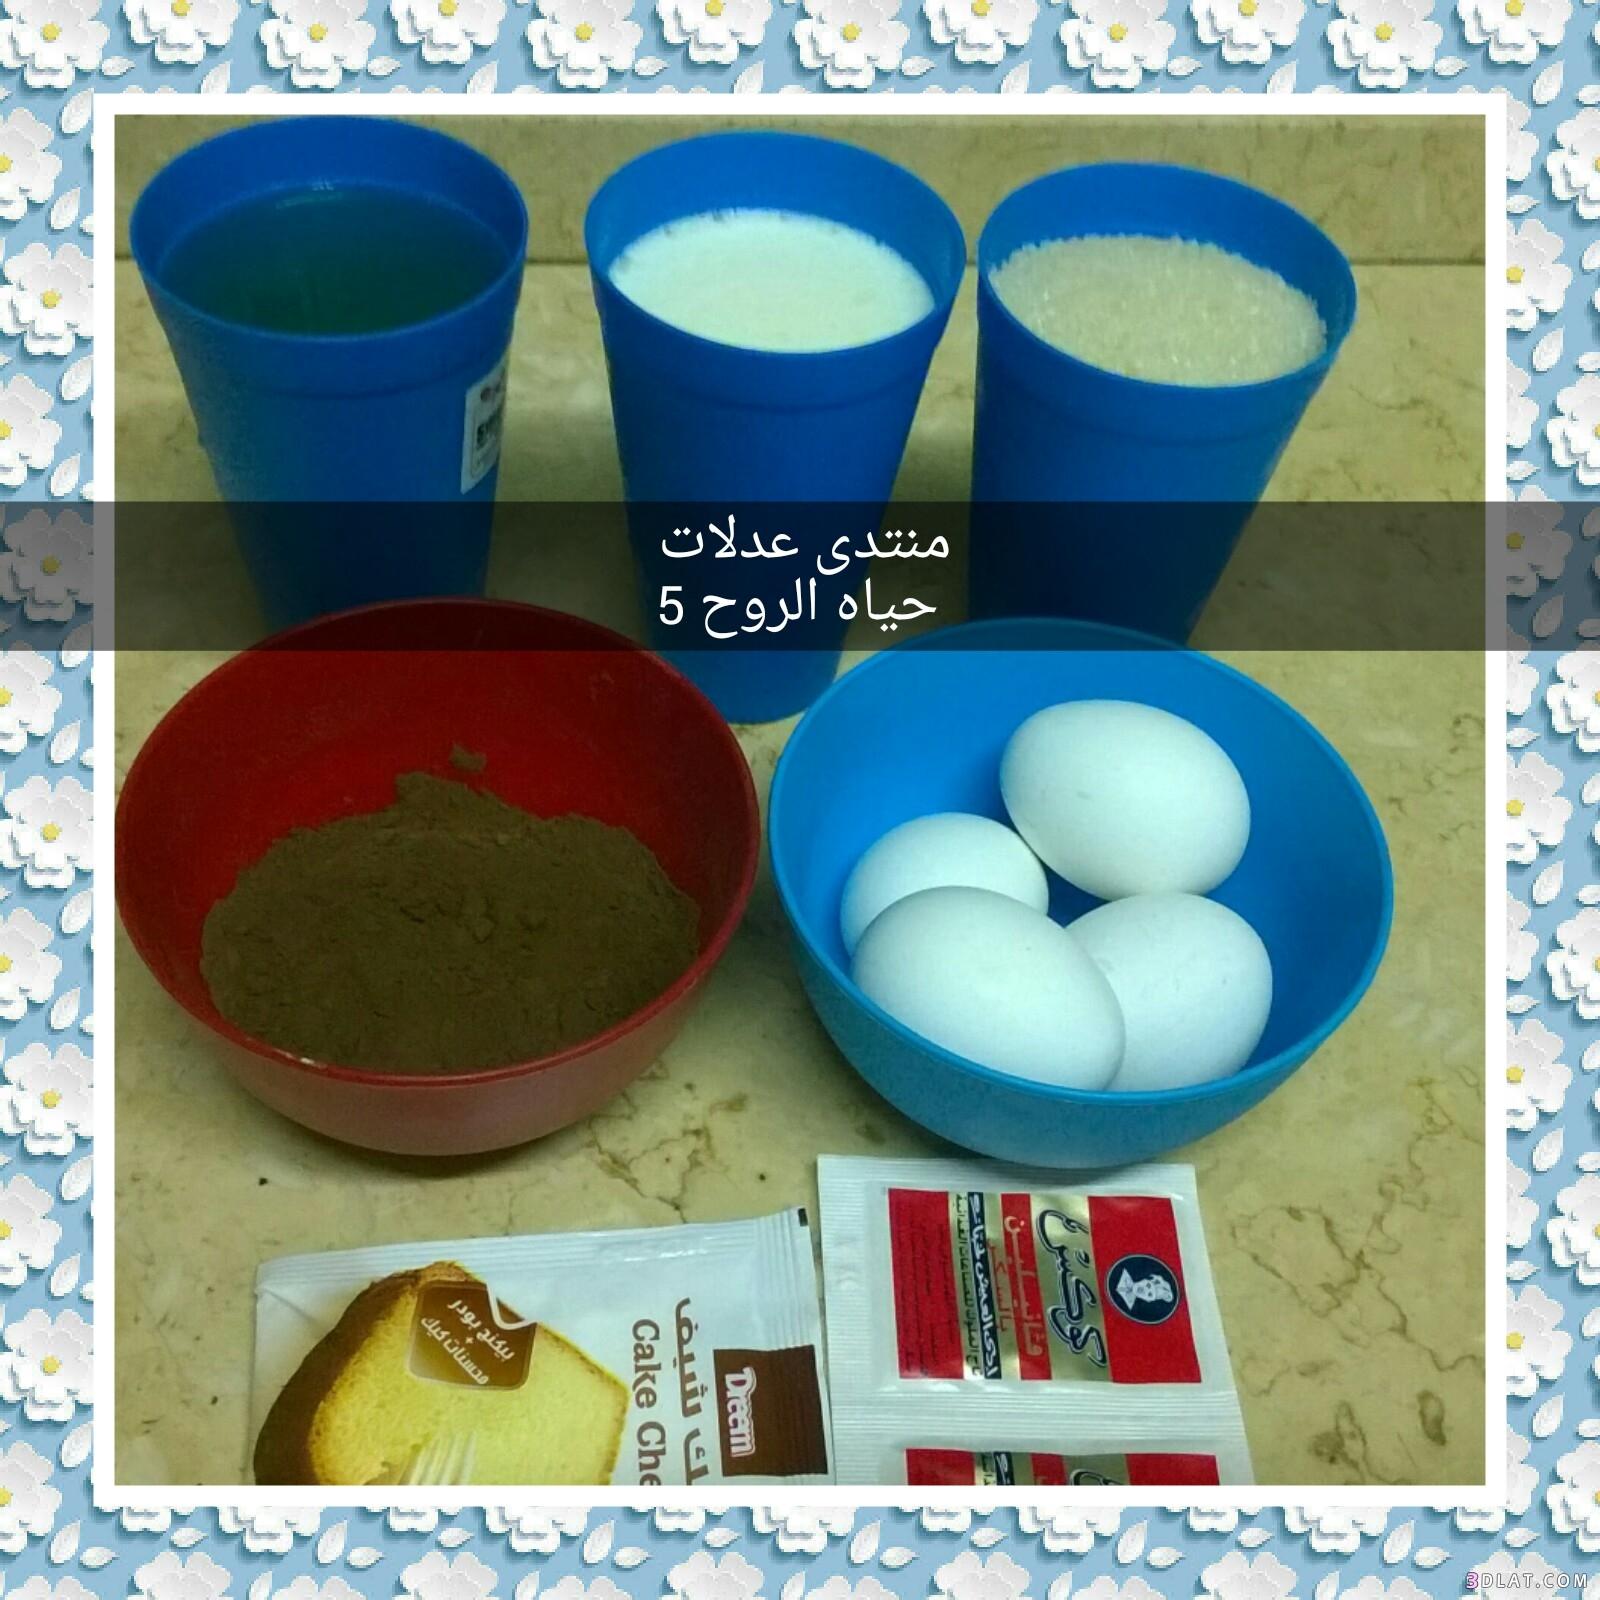 مطبخي الشيكولا اللذيذ طريقه الكب الشوكولا 3dlat.com_06_18_96b8